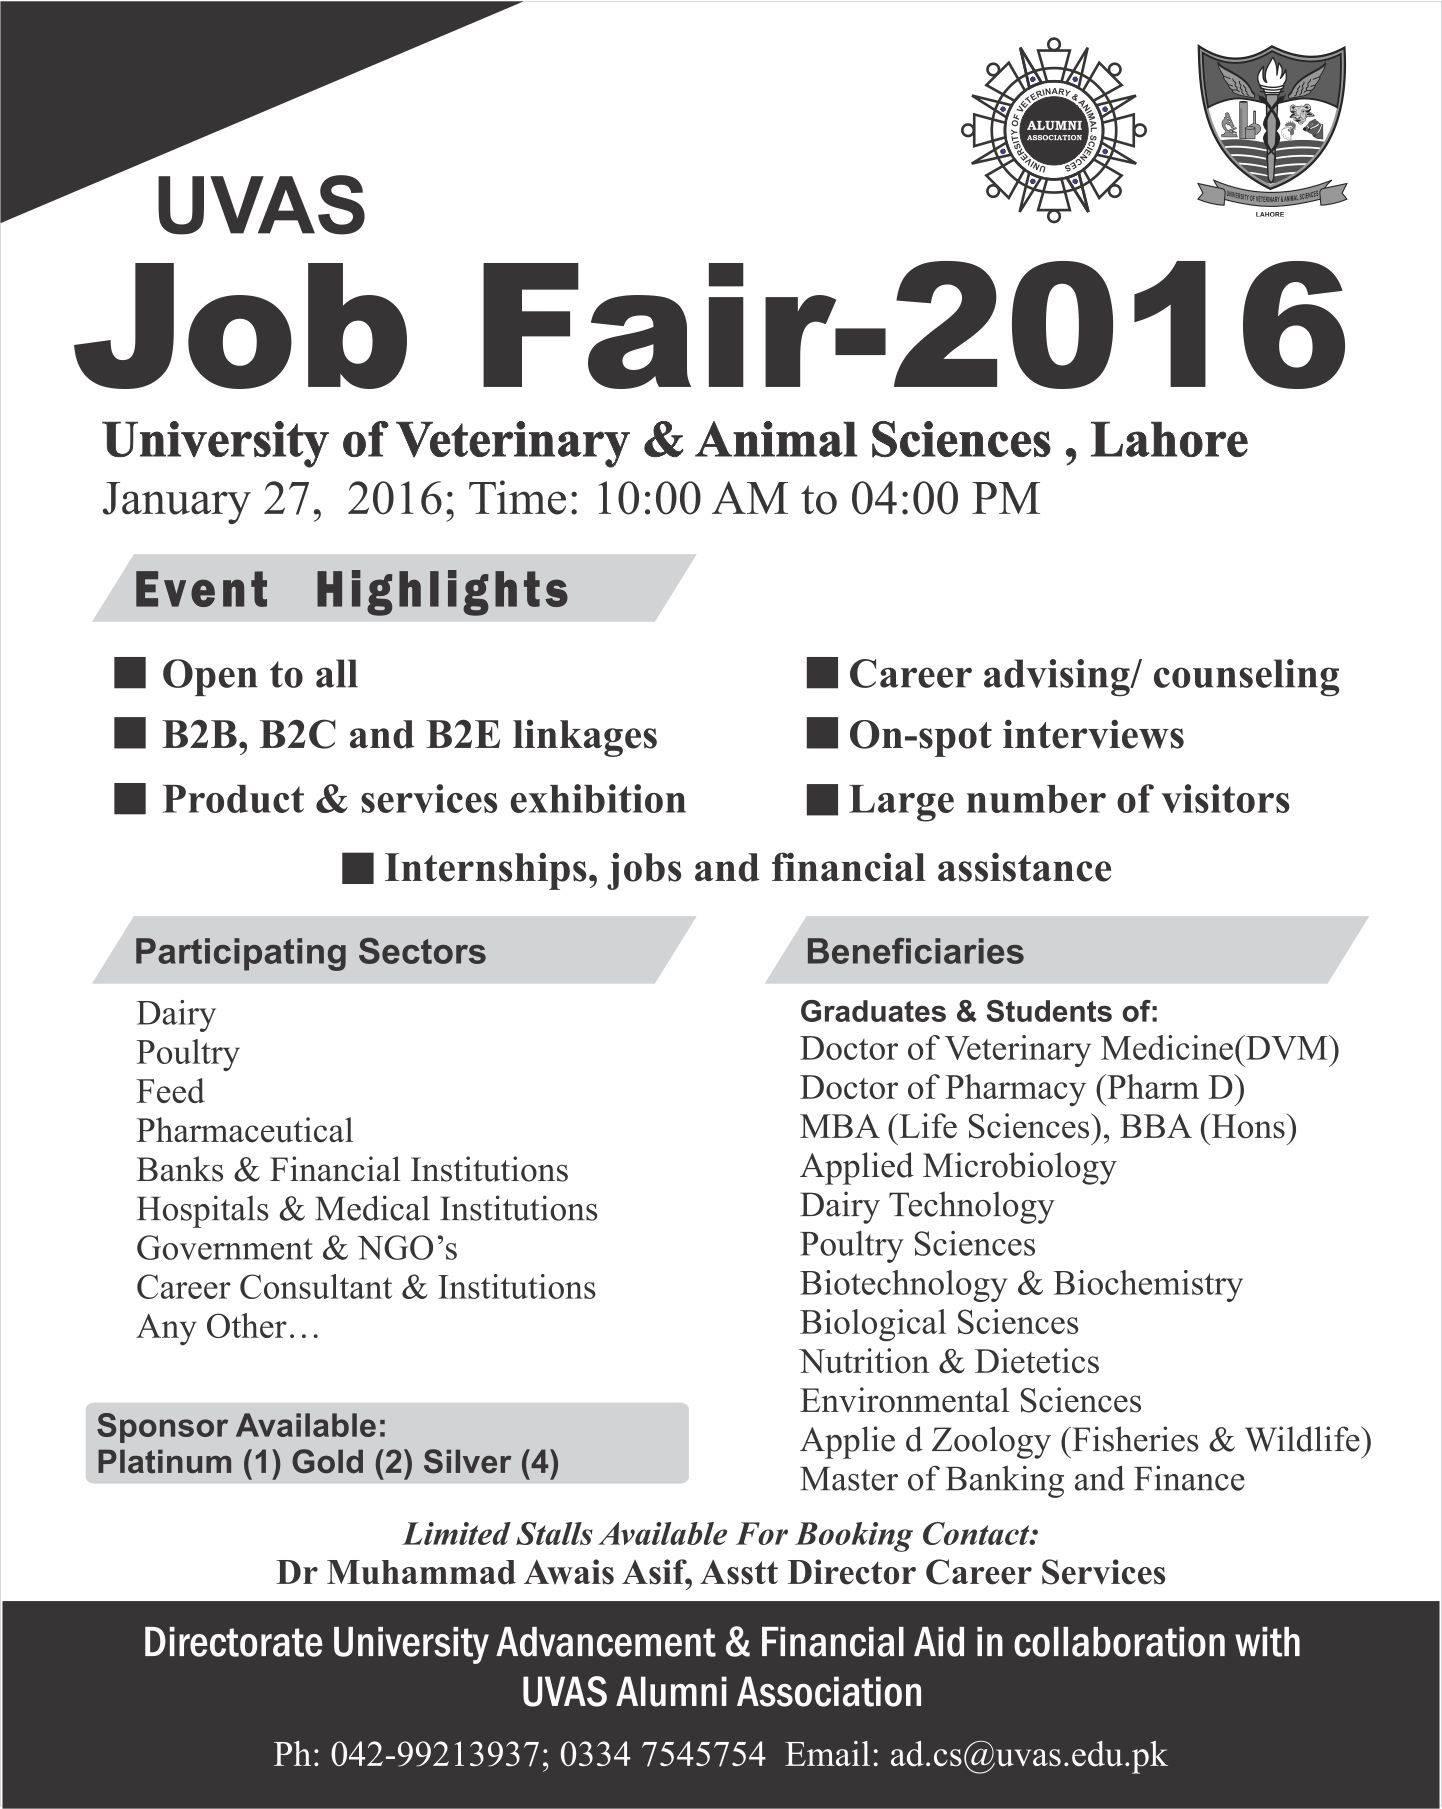 UVAS Lahore Job Fair 2016 Date, Time, Venue